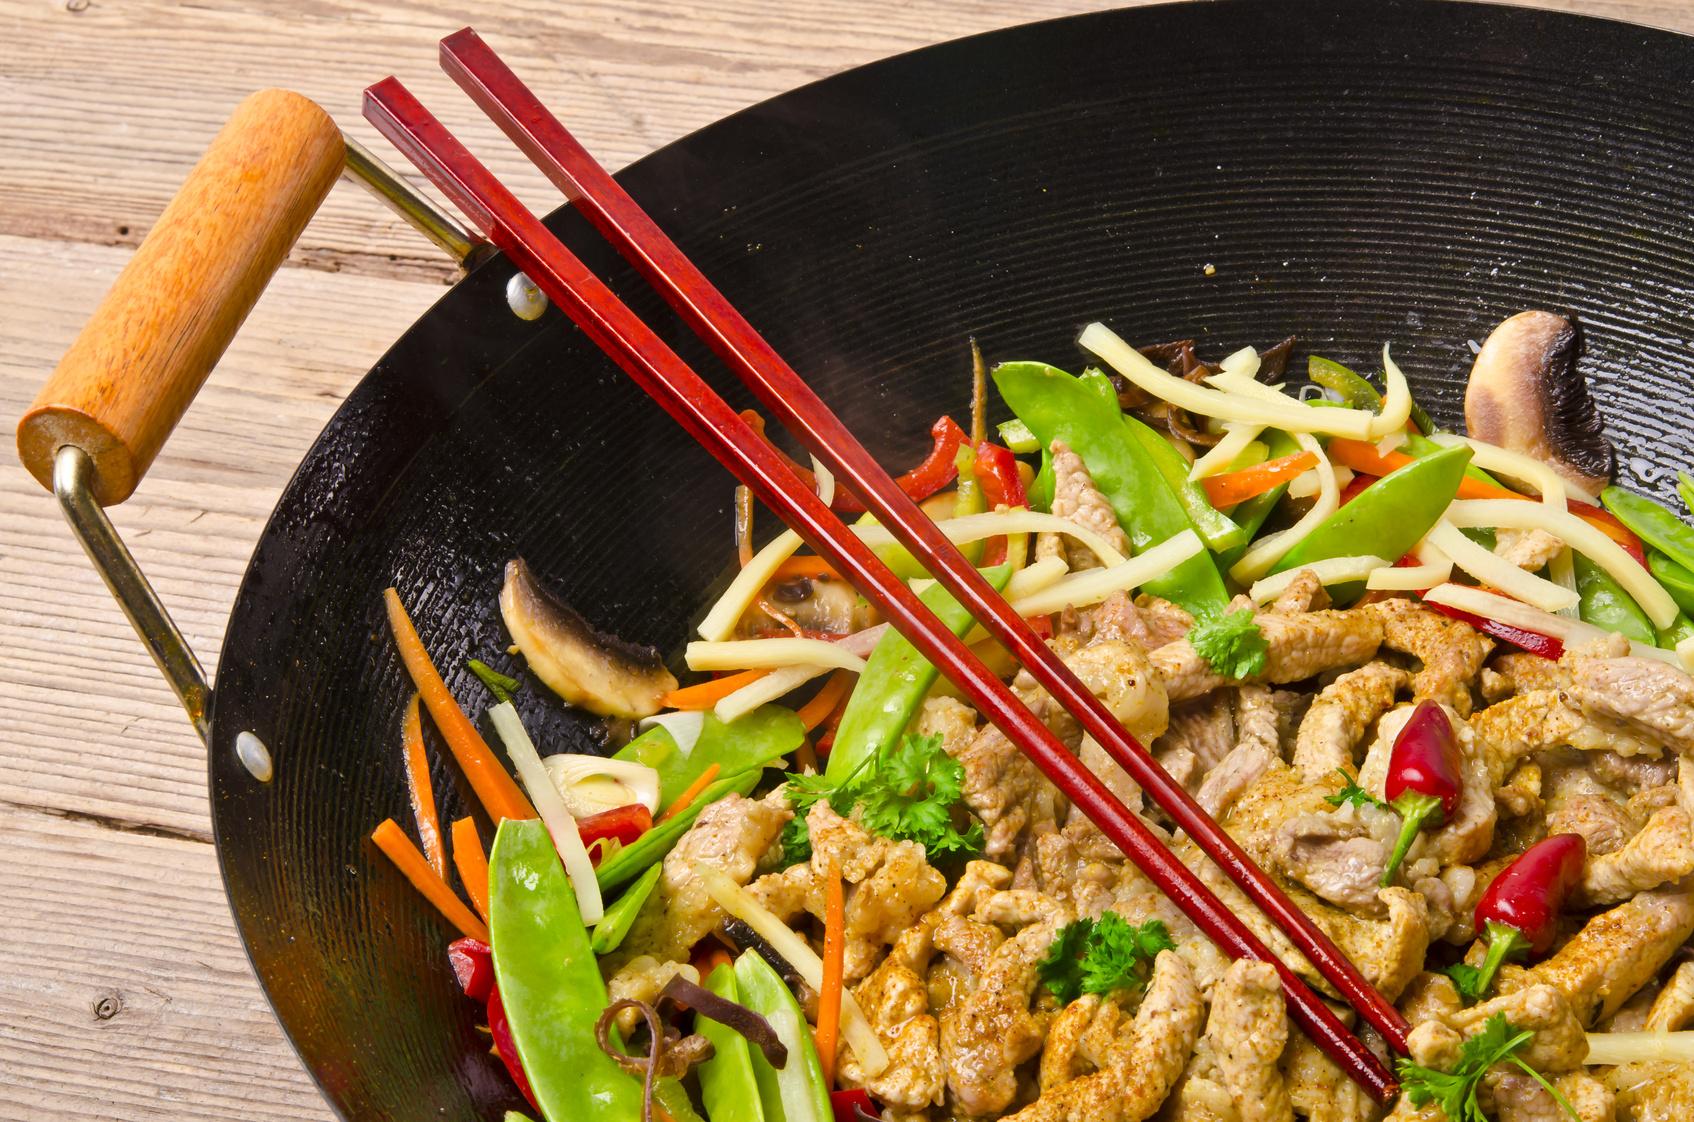 Thailändische Küche - Brotzeithäusl | Brotzeithäusl